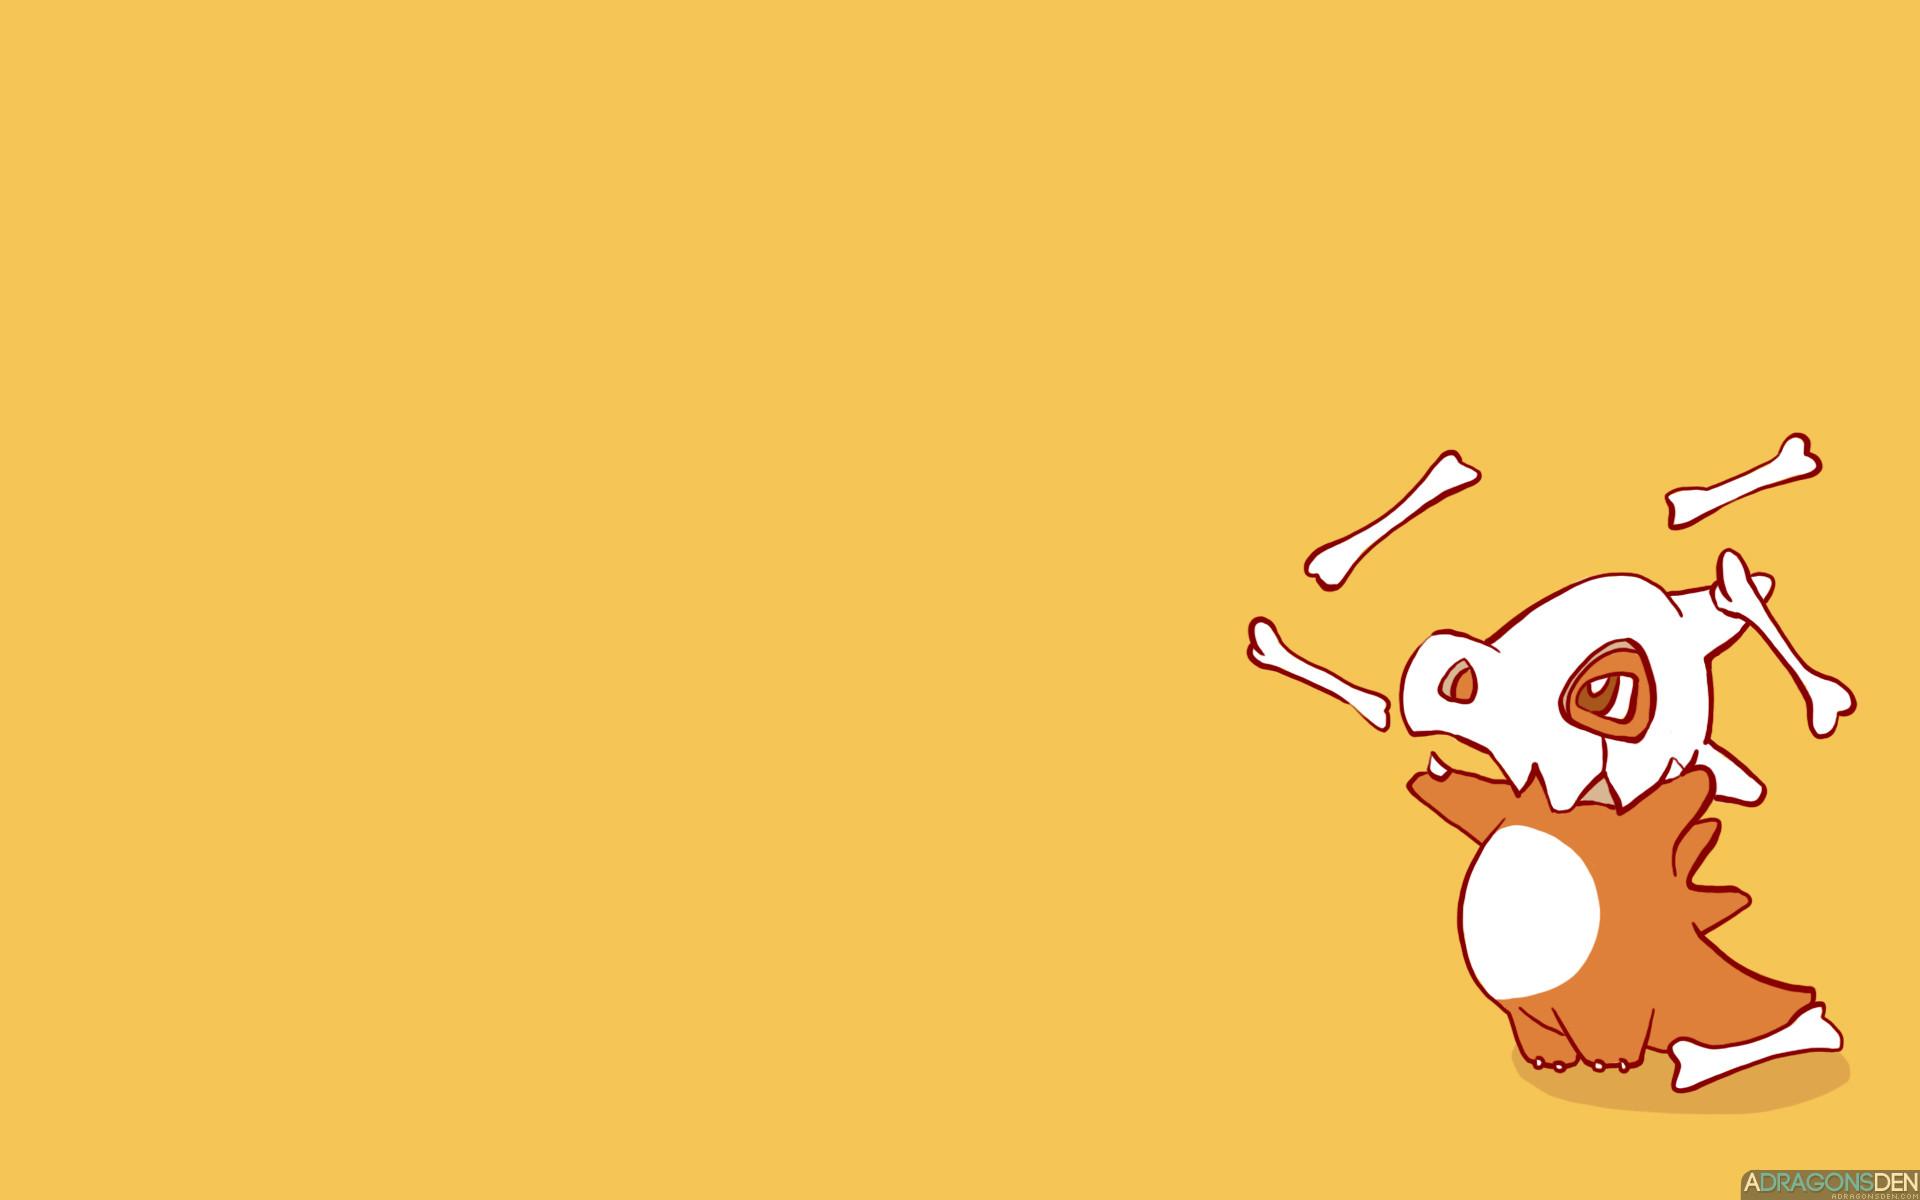 Pokemon Wallpaper 4